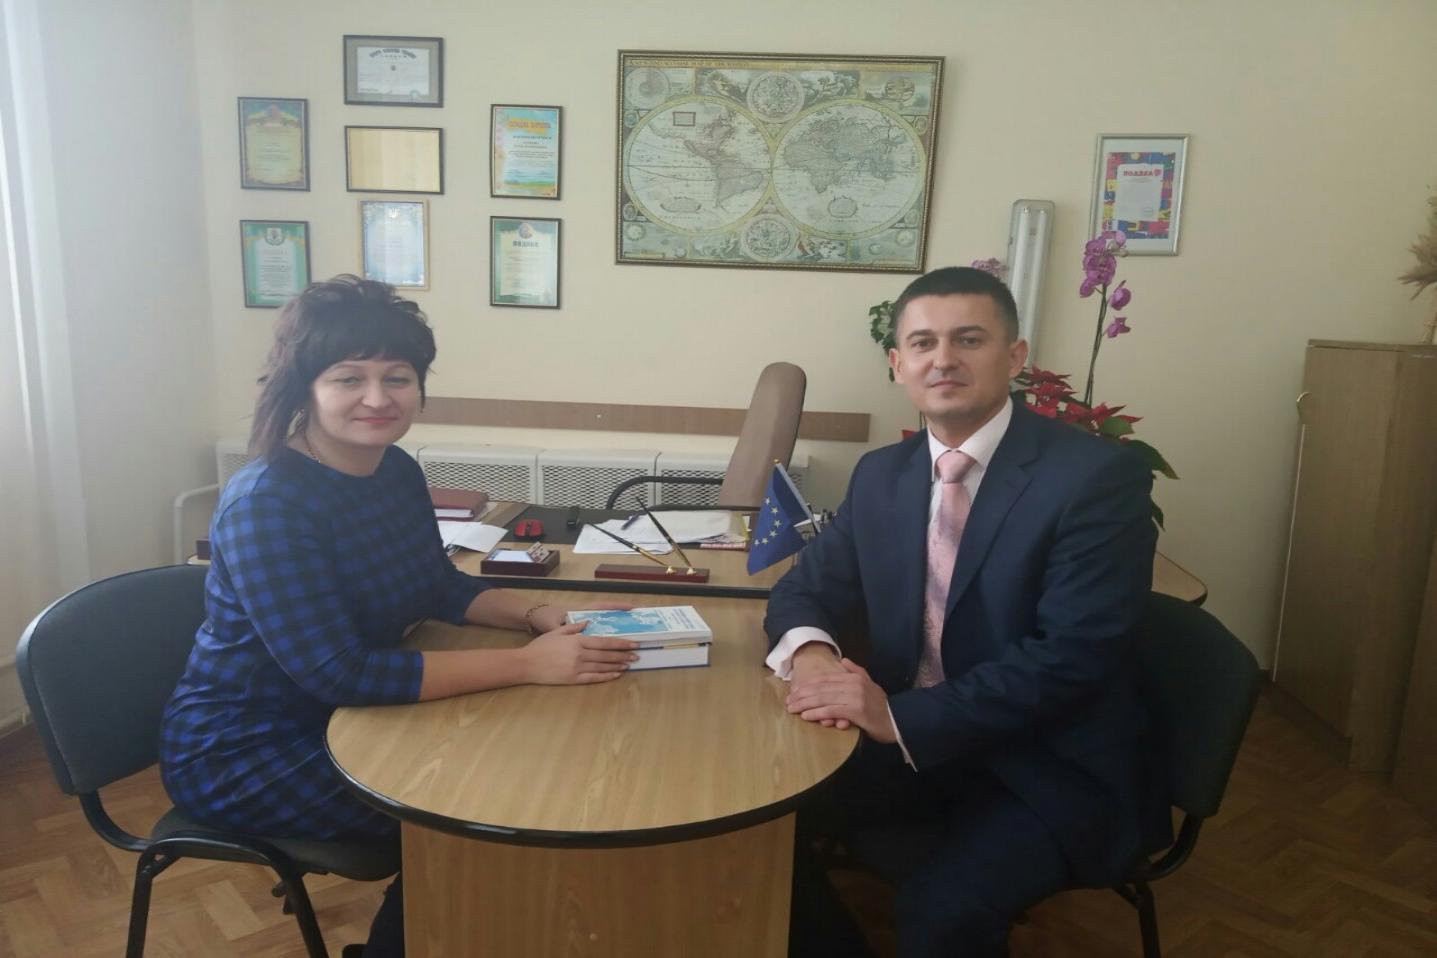 http://dunrada.gov.ua/uploadfile/archive_news/2019/12/02/2019-12-02_579/images/images-53501.jpg